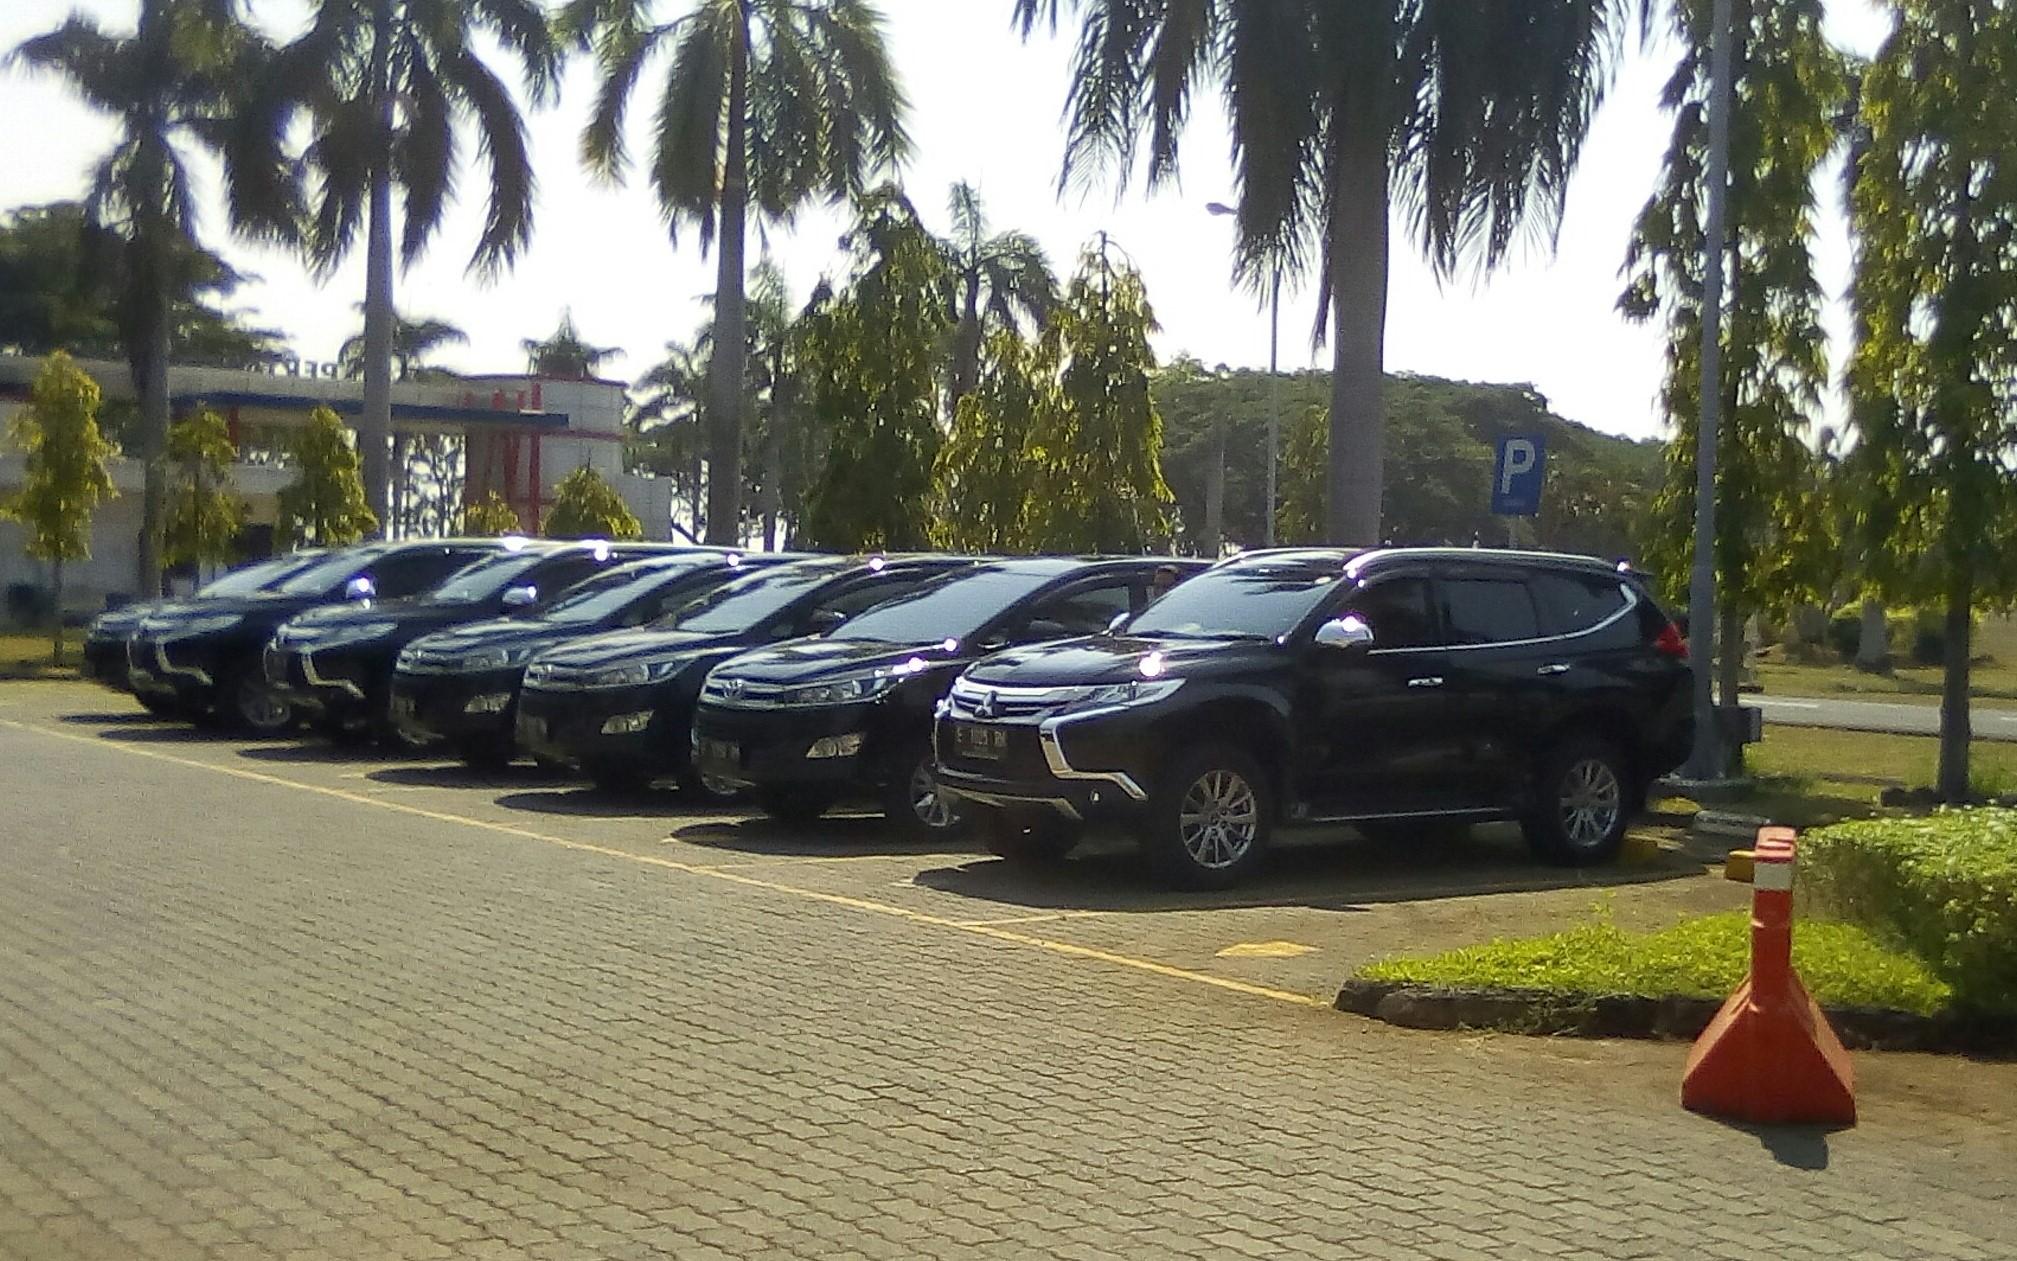 Sewa Mobil Di Indramayu, Jatibarang, Karangampel, Haurgeulis